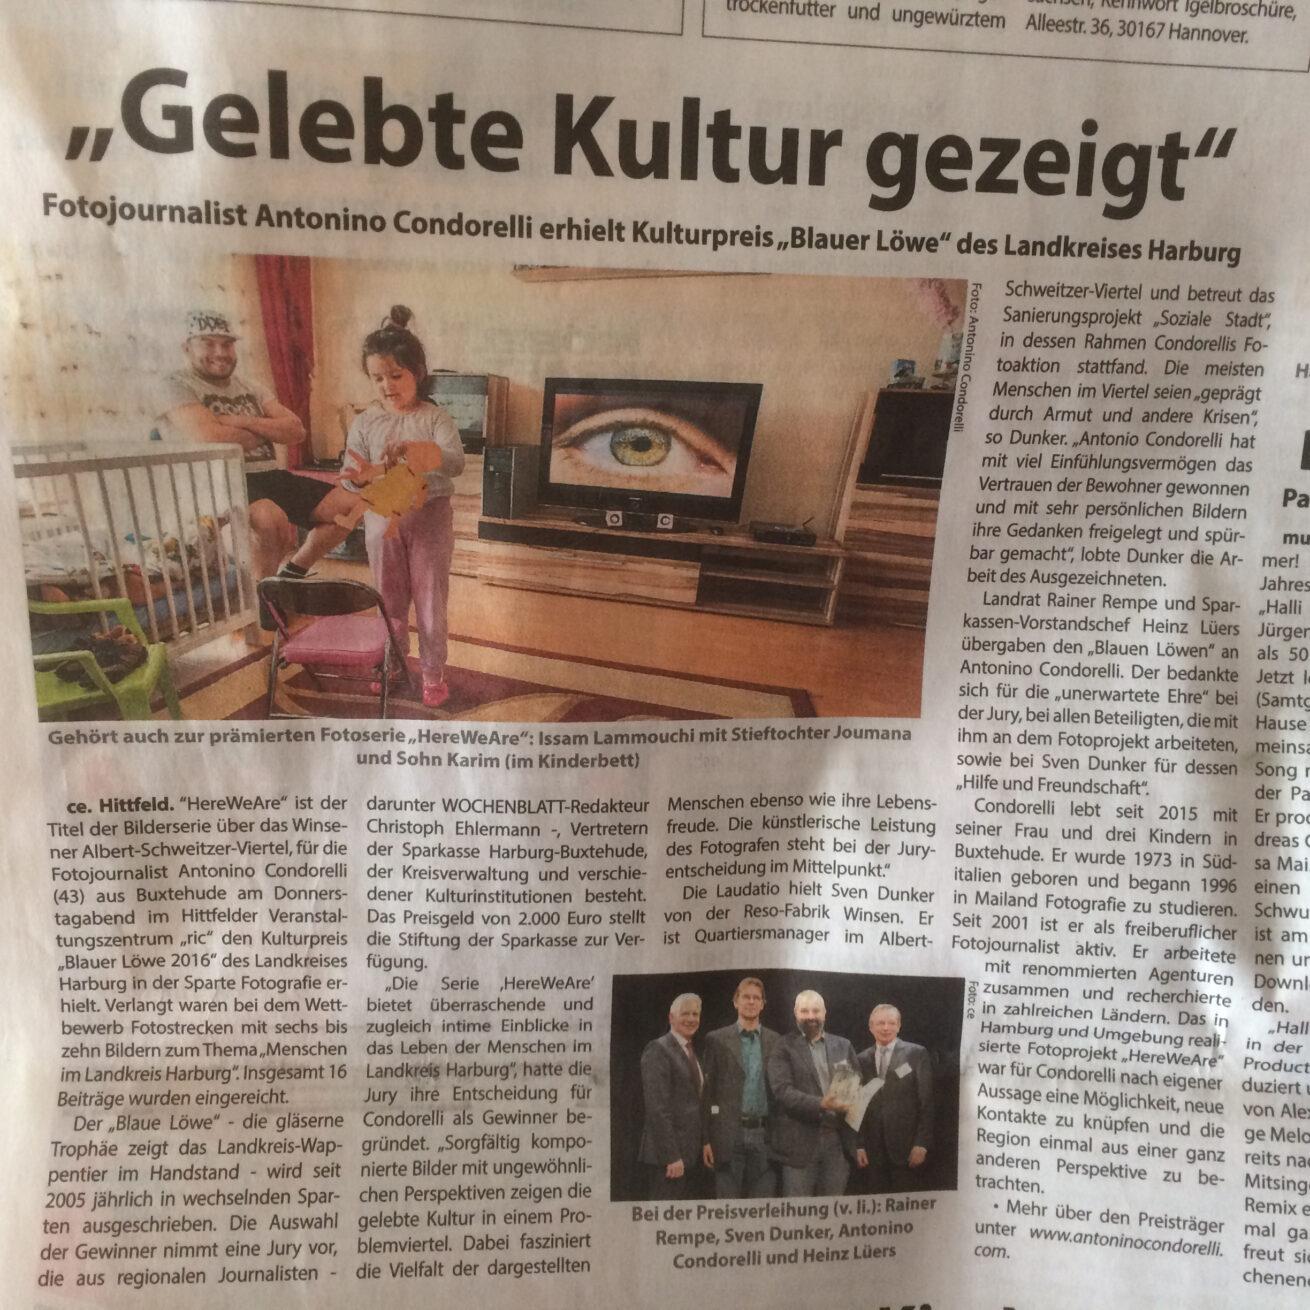 Wochenblatt-seite-4 (1)